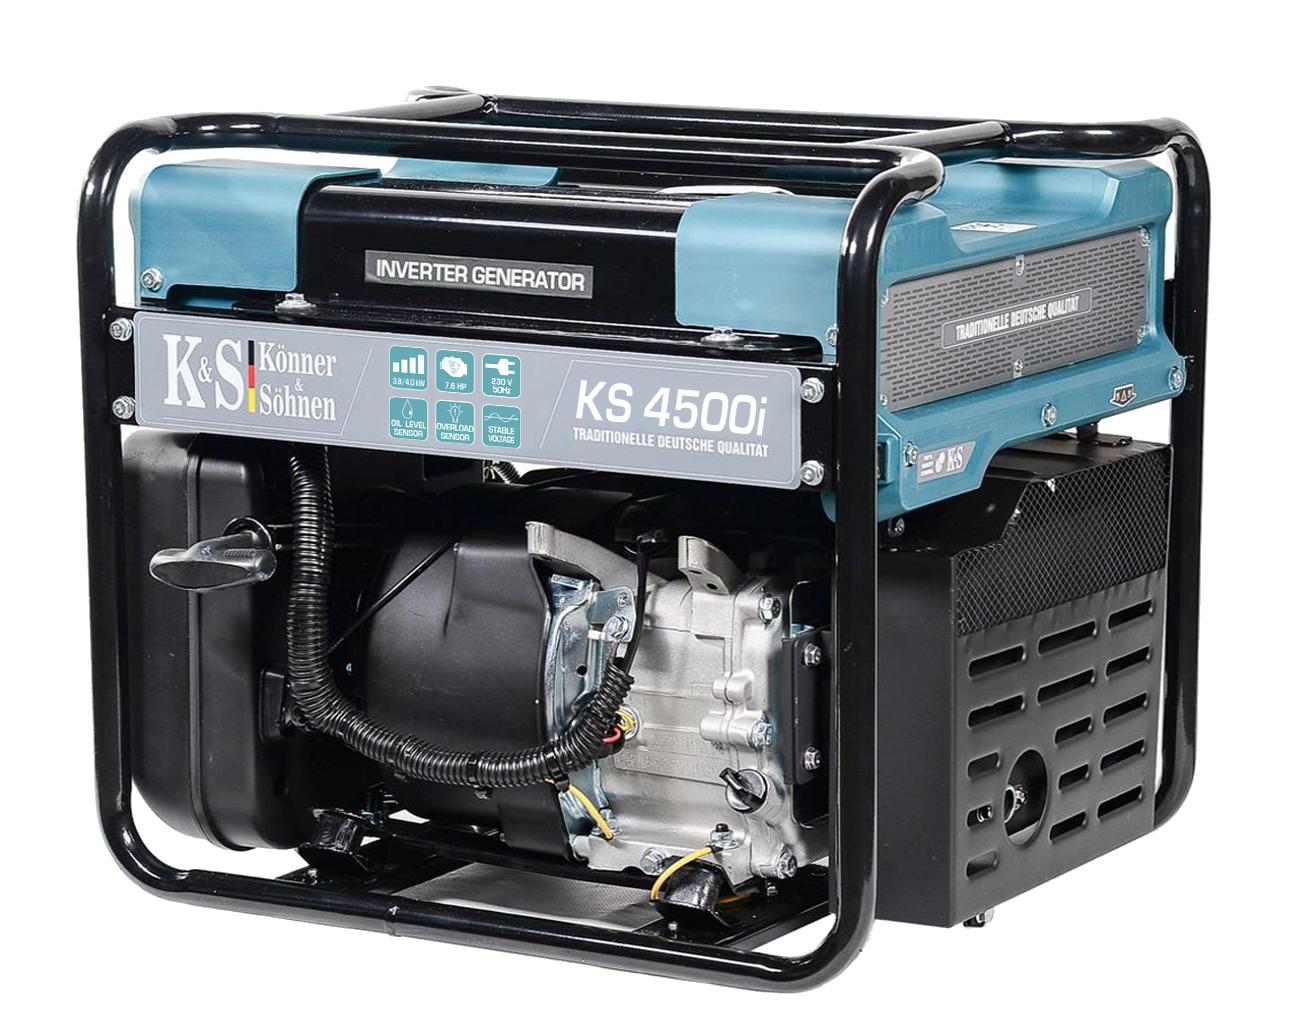 KS-4500i